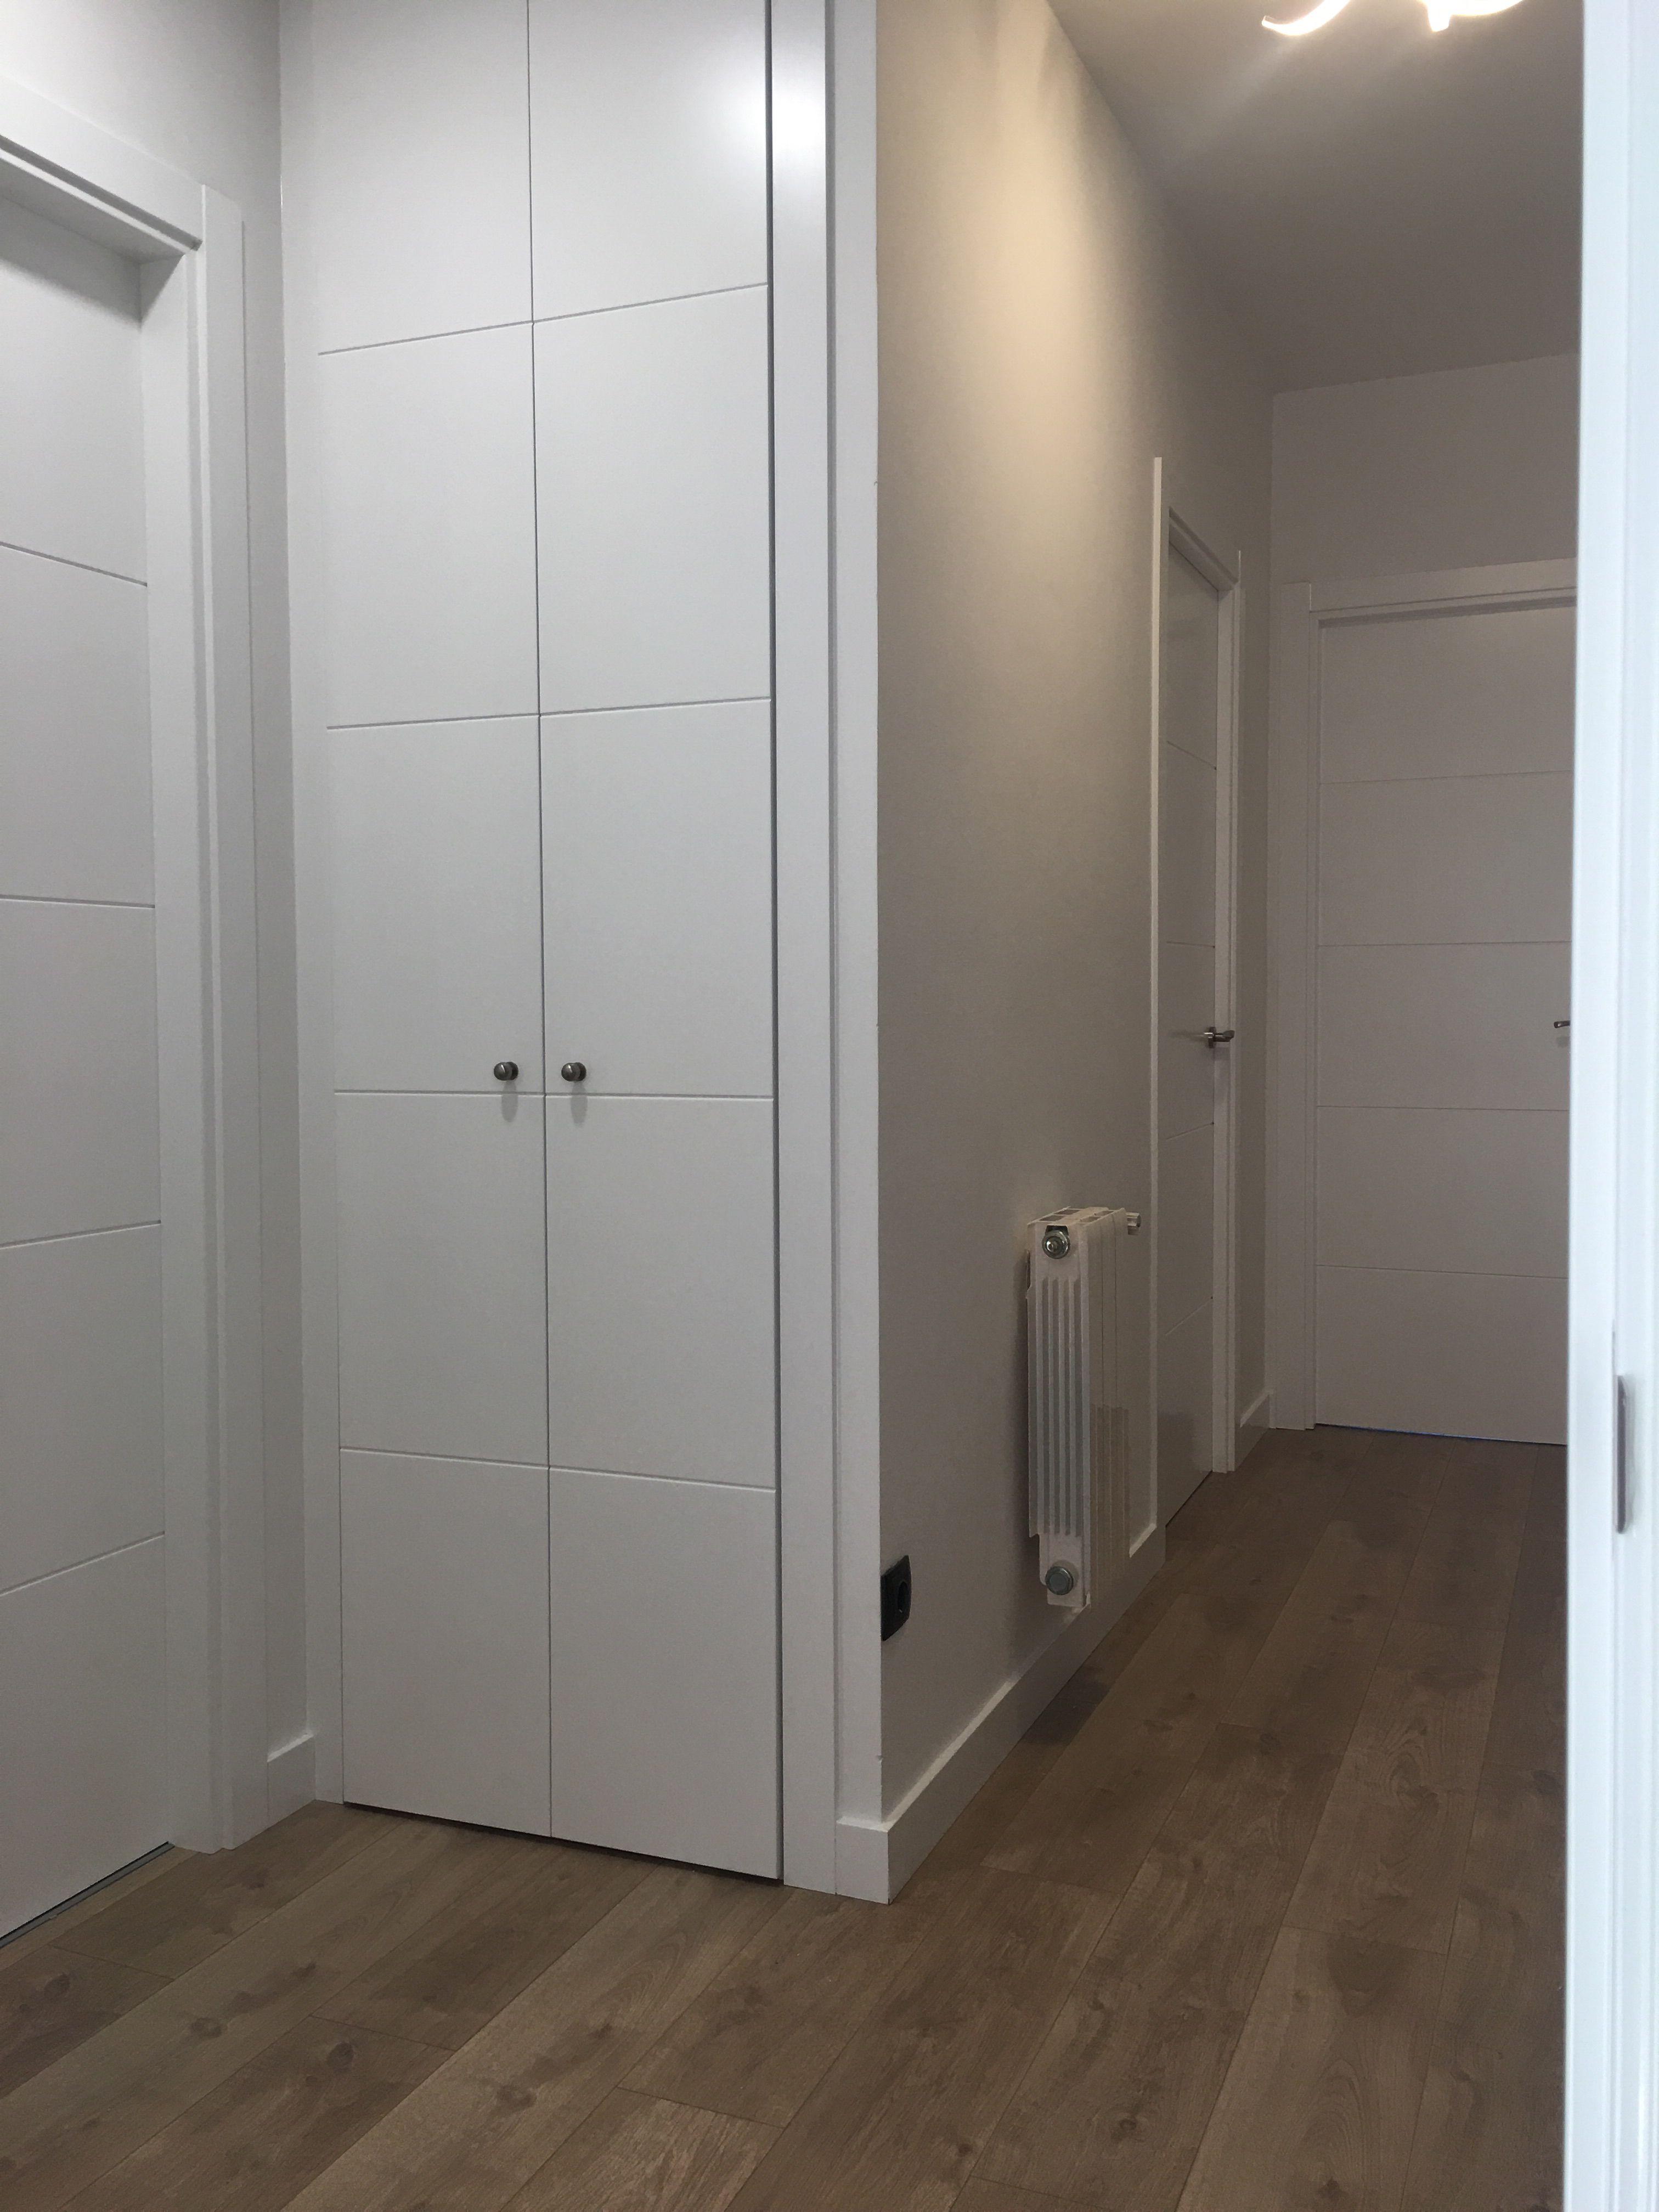 Puertas de interior en madrid trabajos realizados por karpinteria pinterest - Puertas piso interior ...